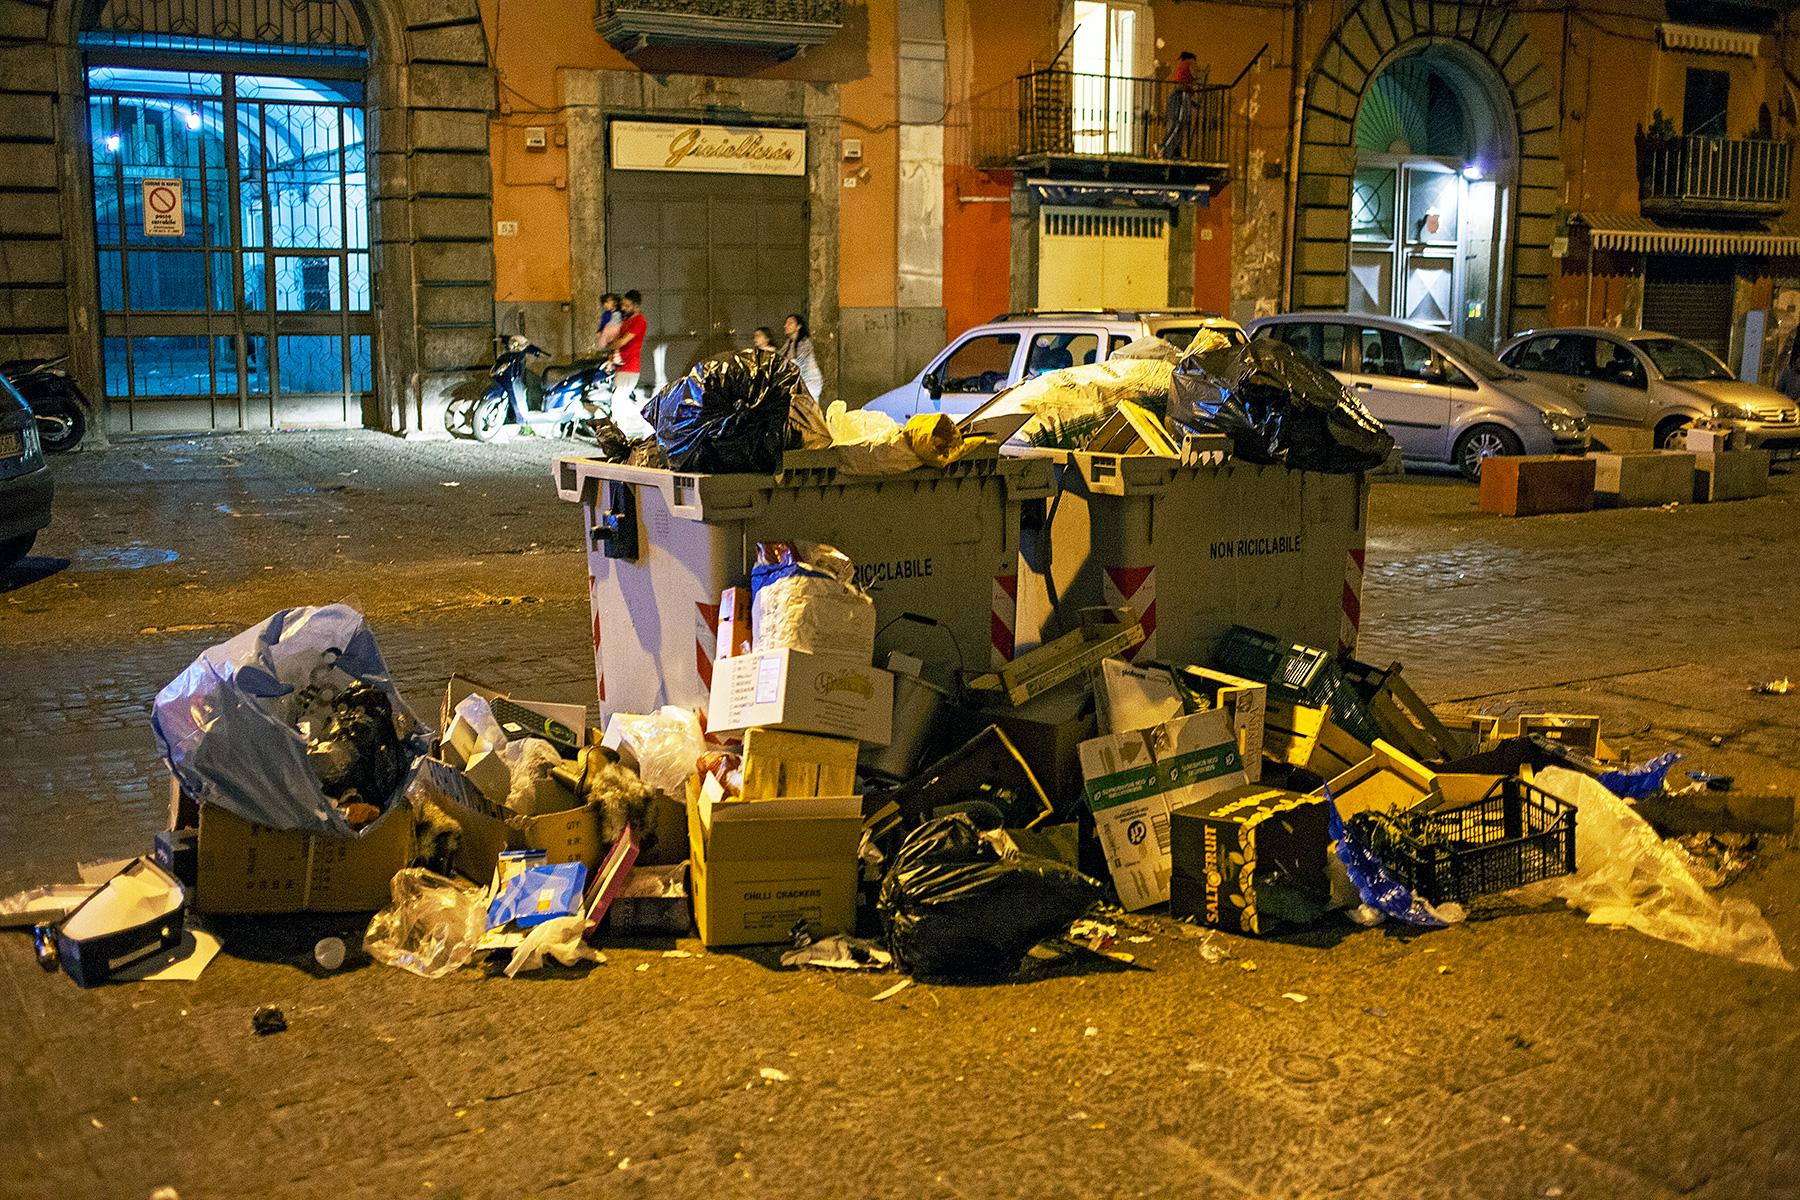 Behälter mit überquellendem Abfall